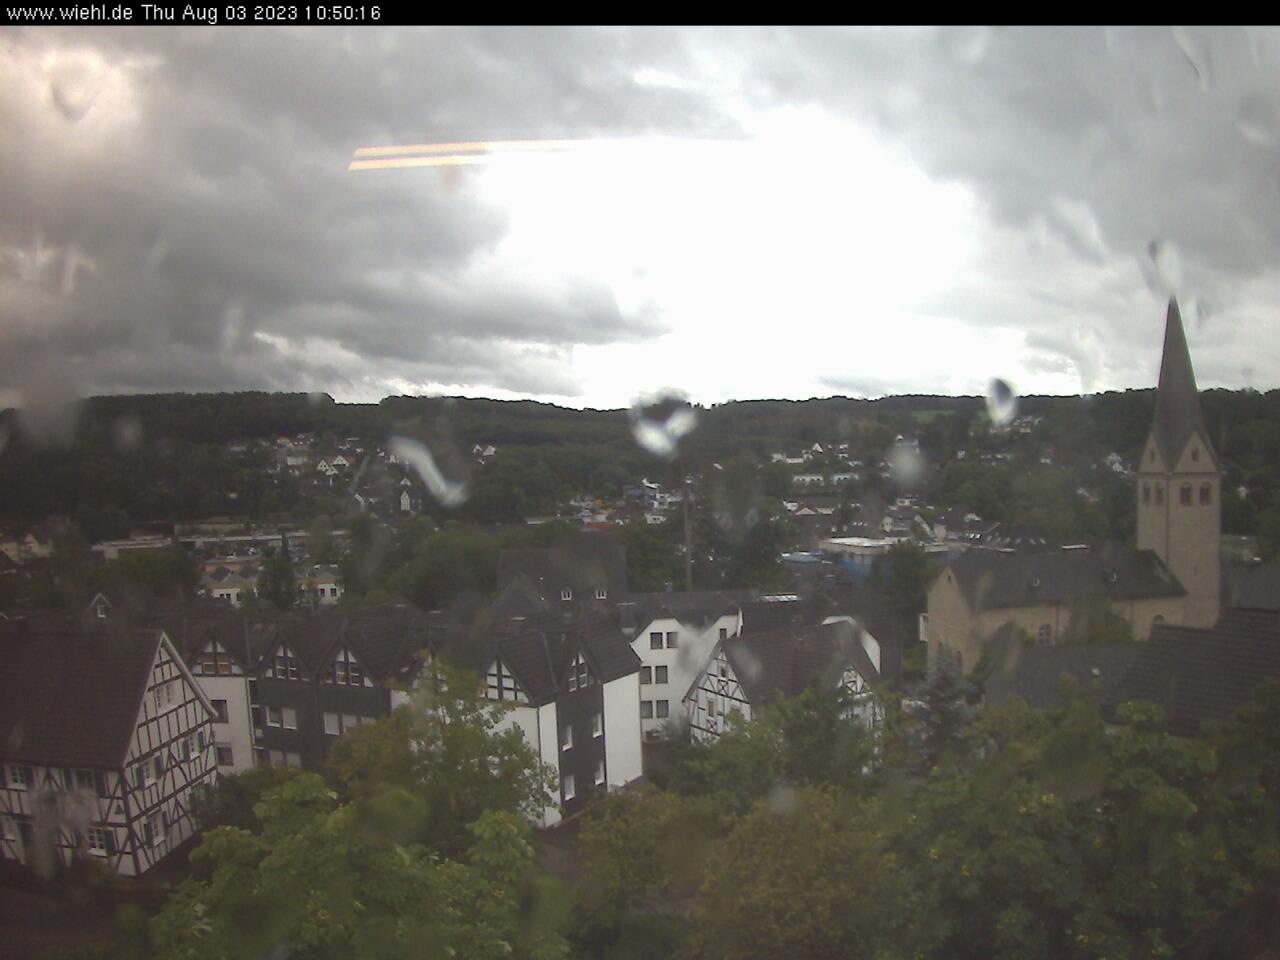 Wiehler Webcam - Ein Blick über die Dächer von Wiehl